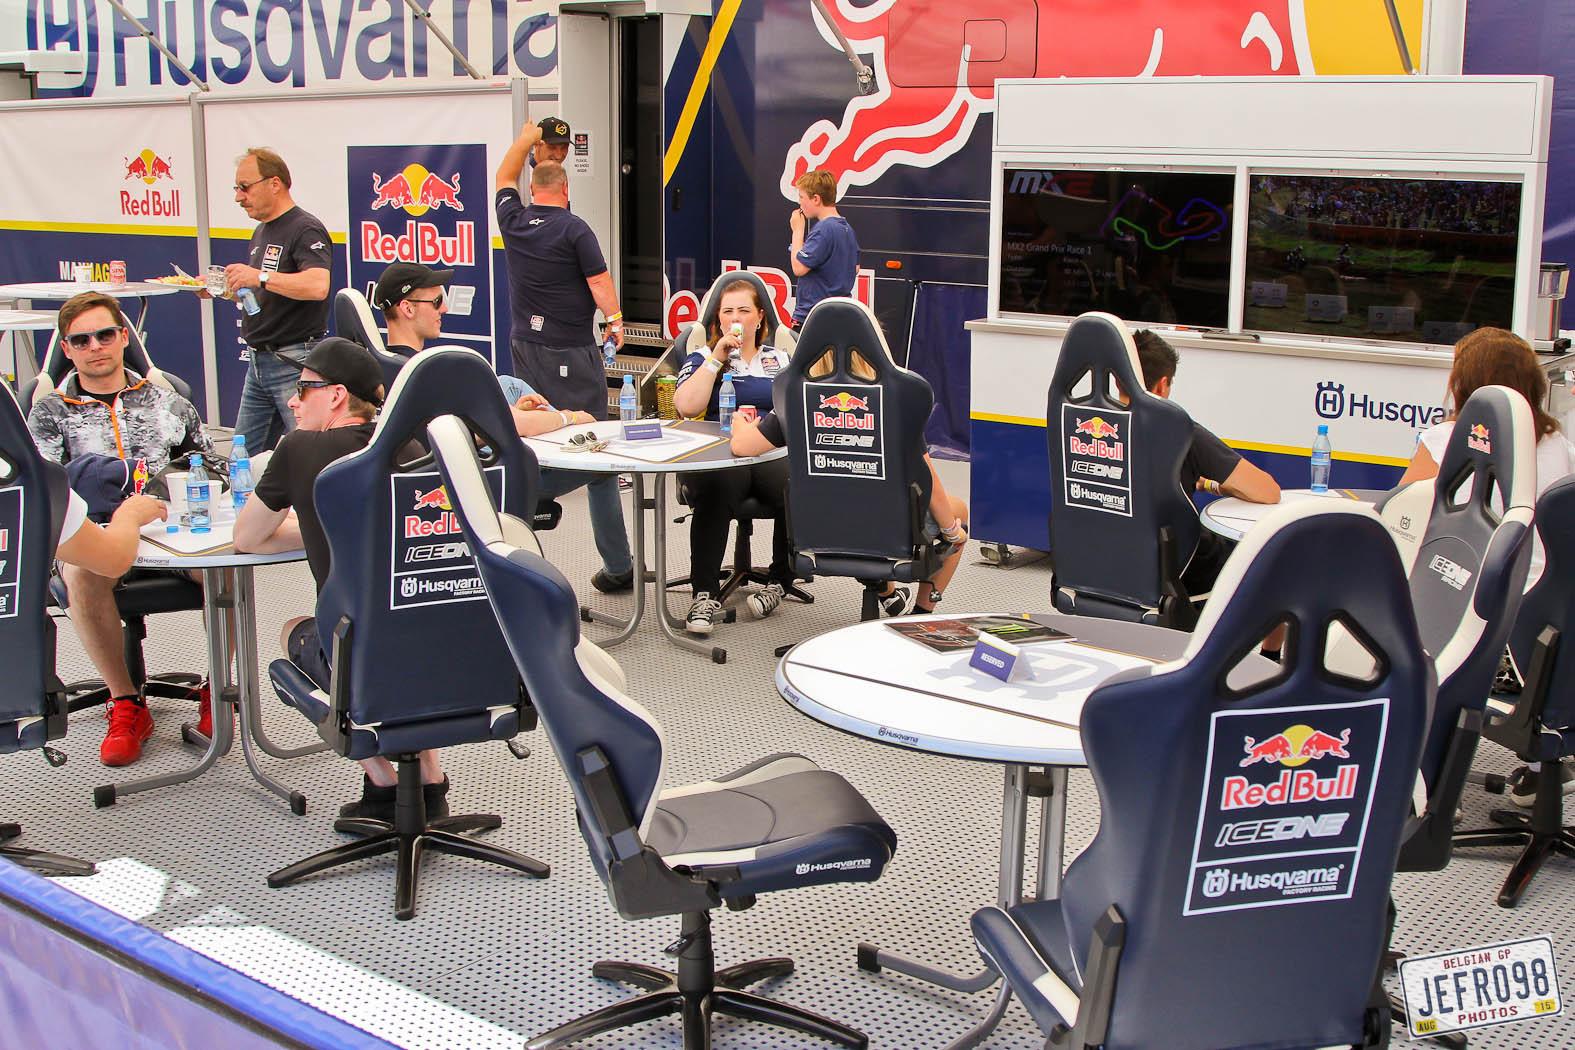 Husqvarna Ice One Racing - Photo Blast: MXGP of Belgium - Motocross Pictures - Vital MX